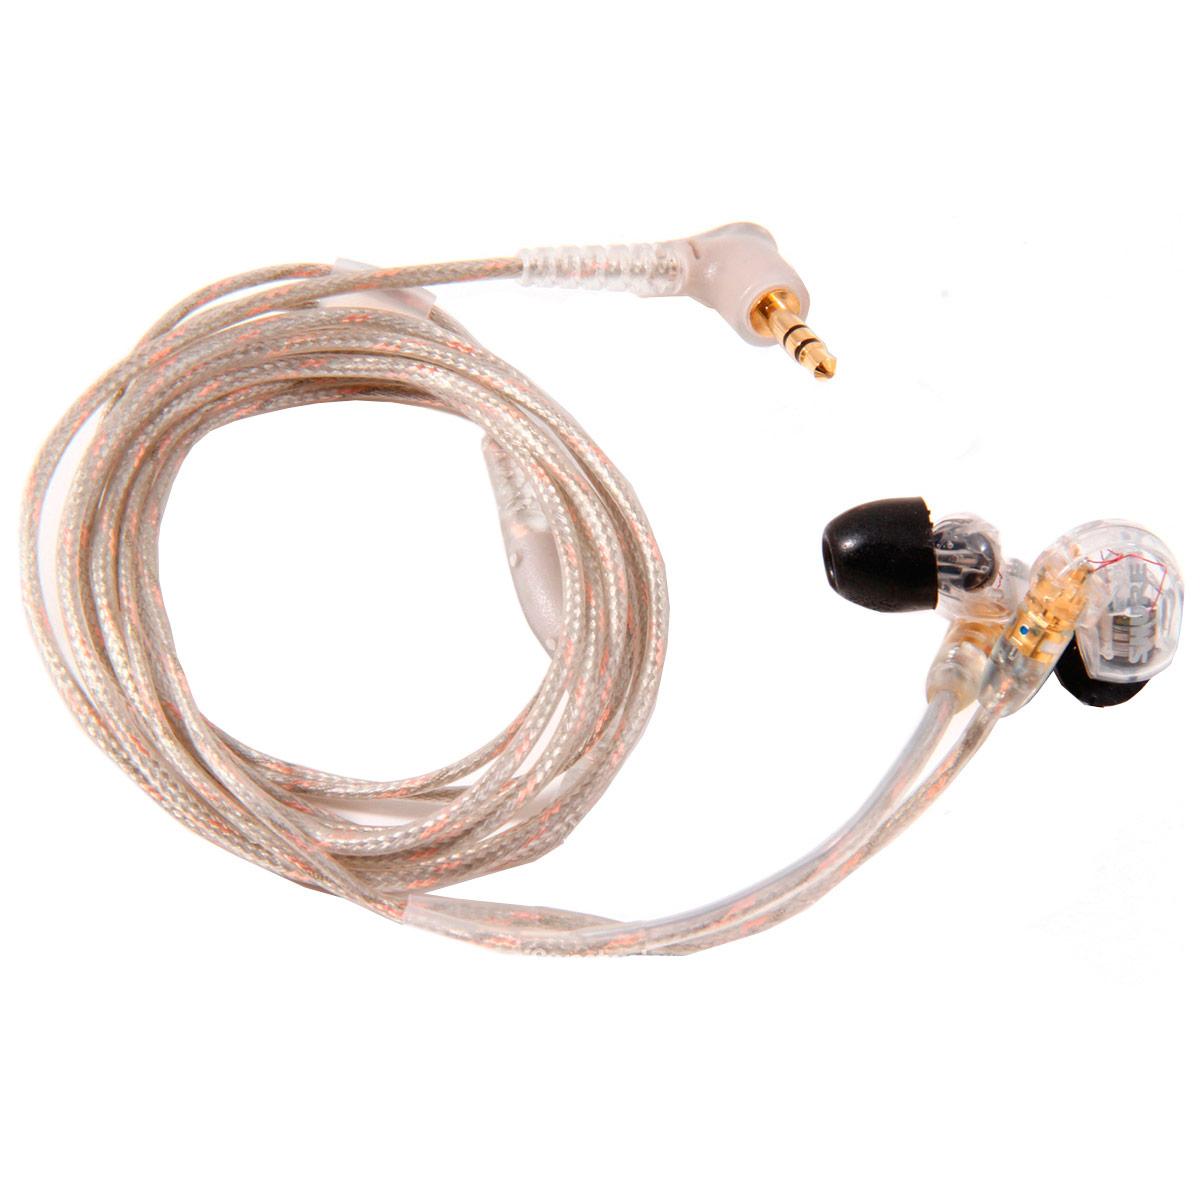 SE215CL - Fone de Ouvido In-ear SE 215 CL - Shure